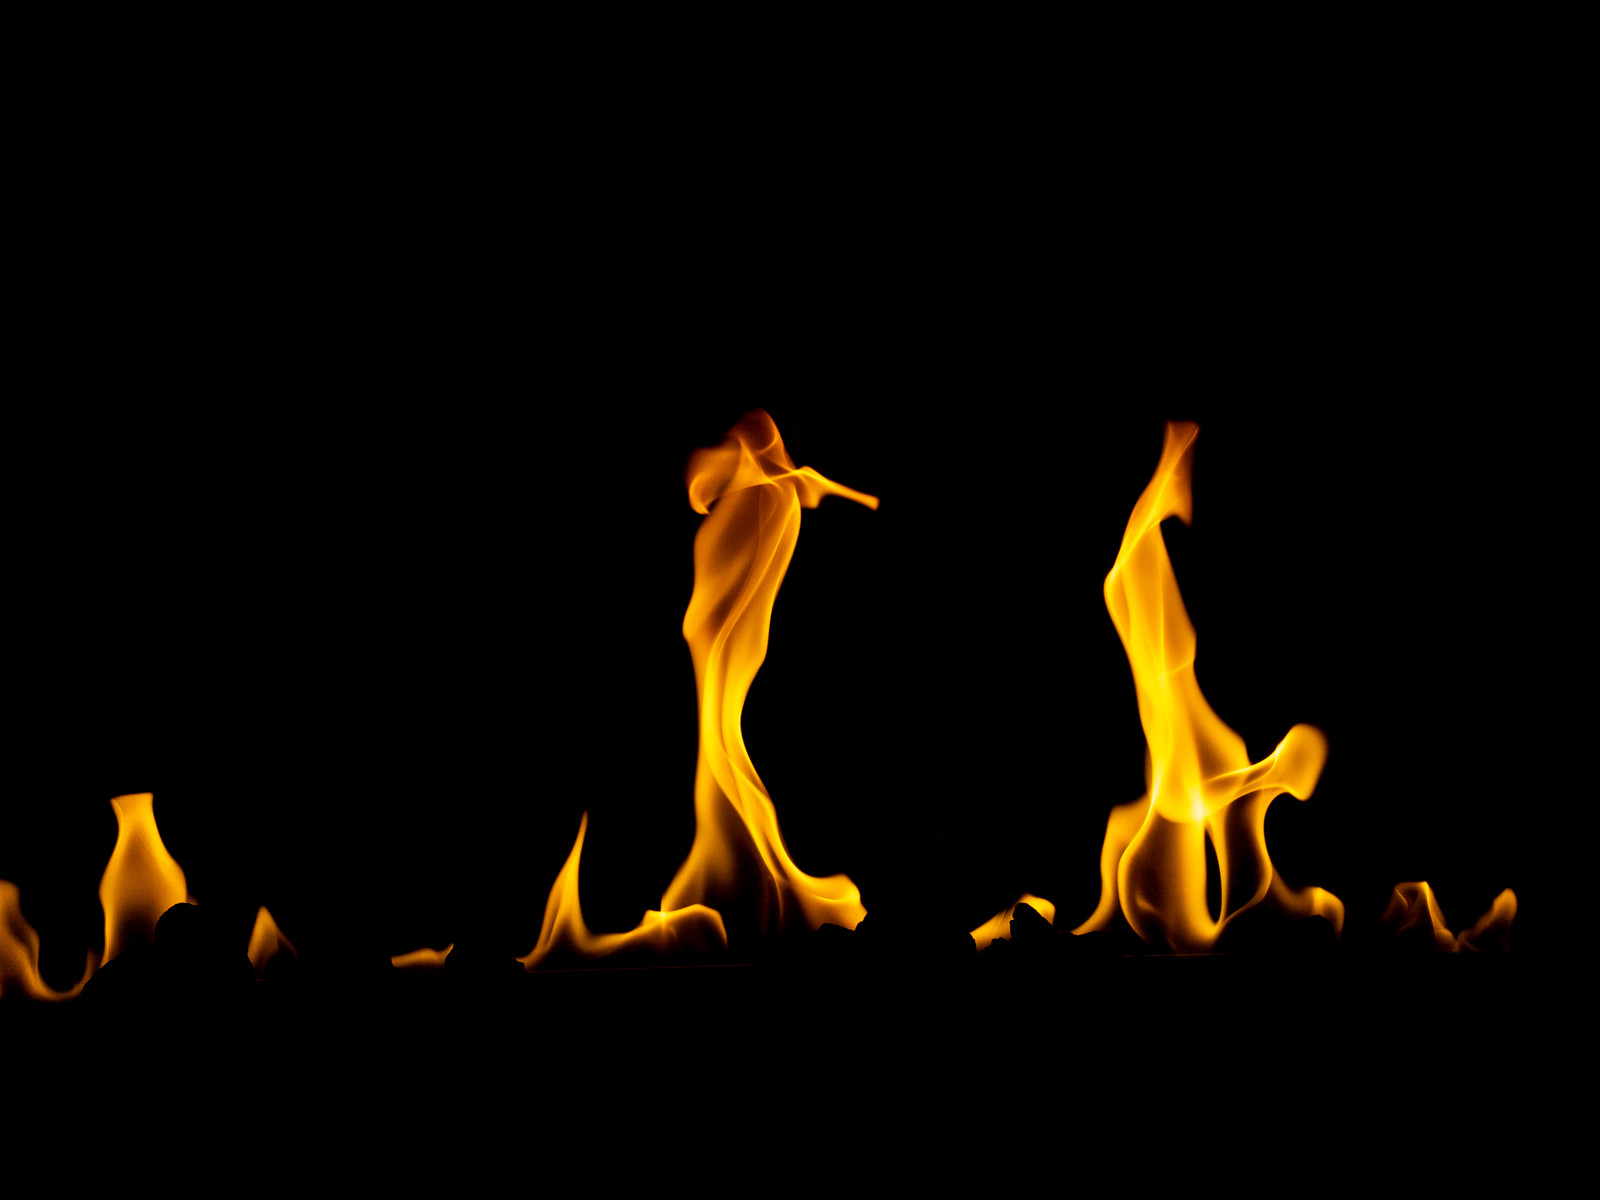 「炎があがる」の写真